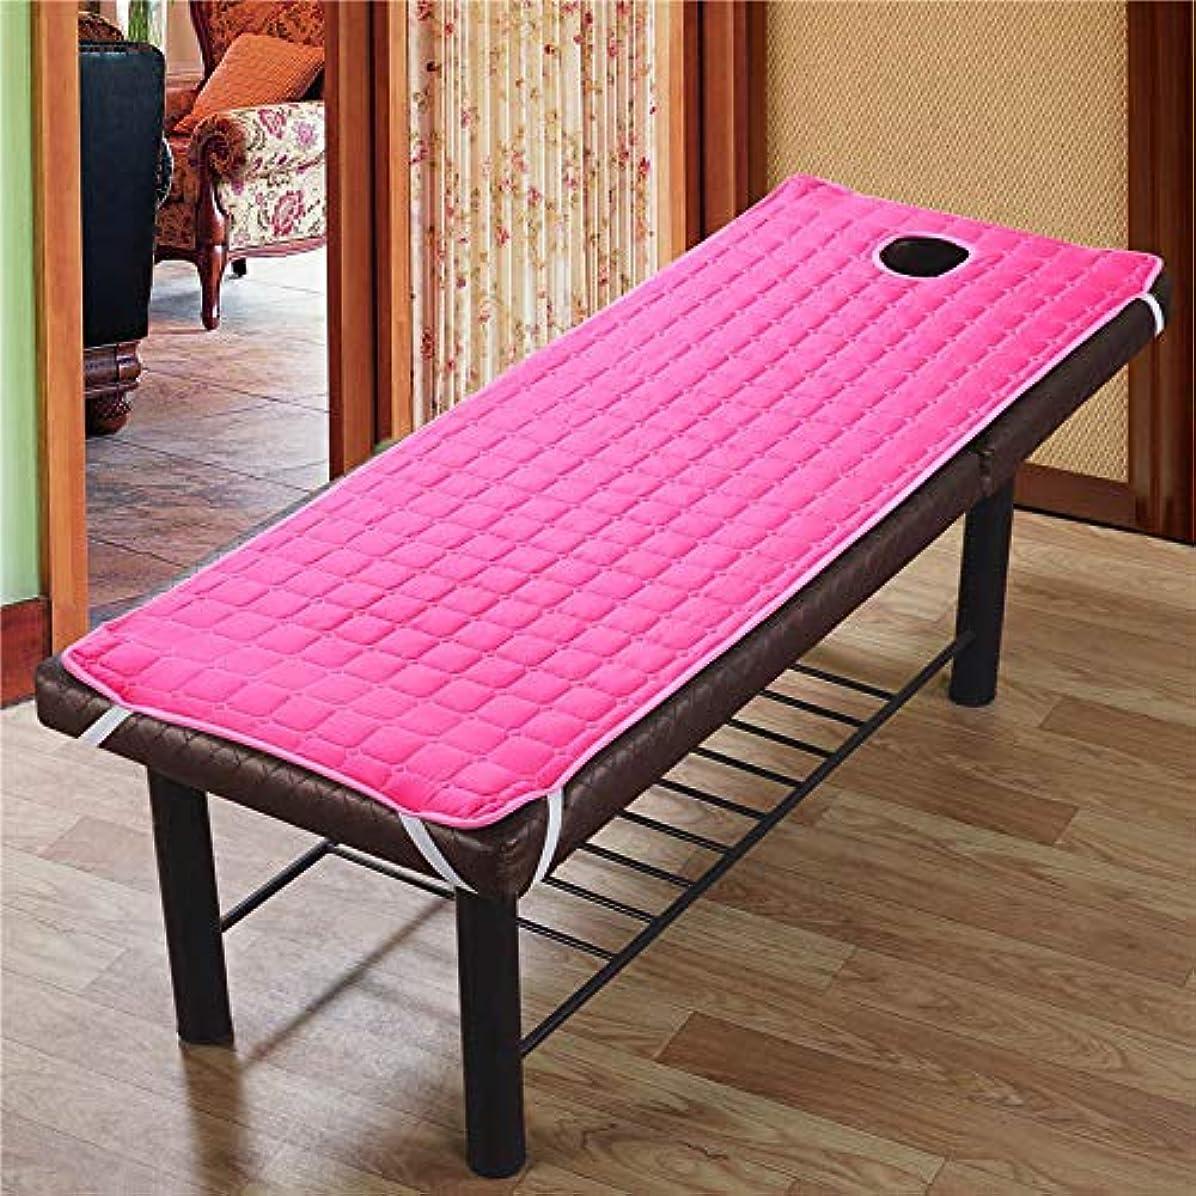 起点お酒ハイキングAylincool 美容院のマッサージ療法のベッドのための滑り止めのSoliod色の長方形のマットレス